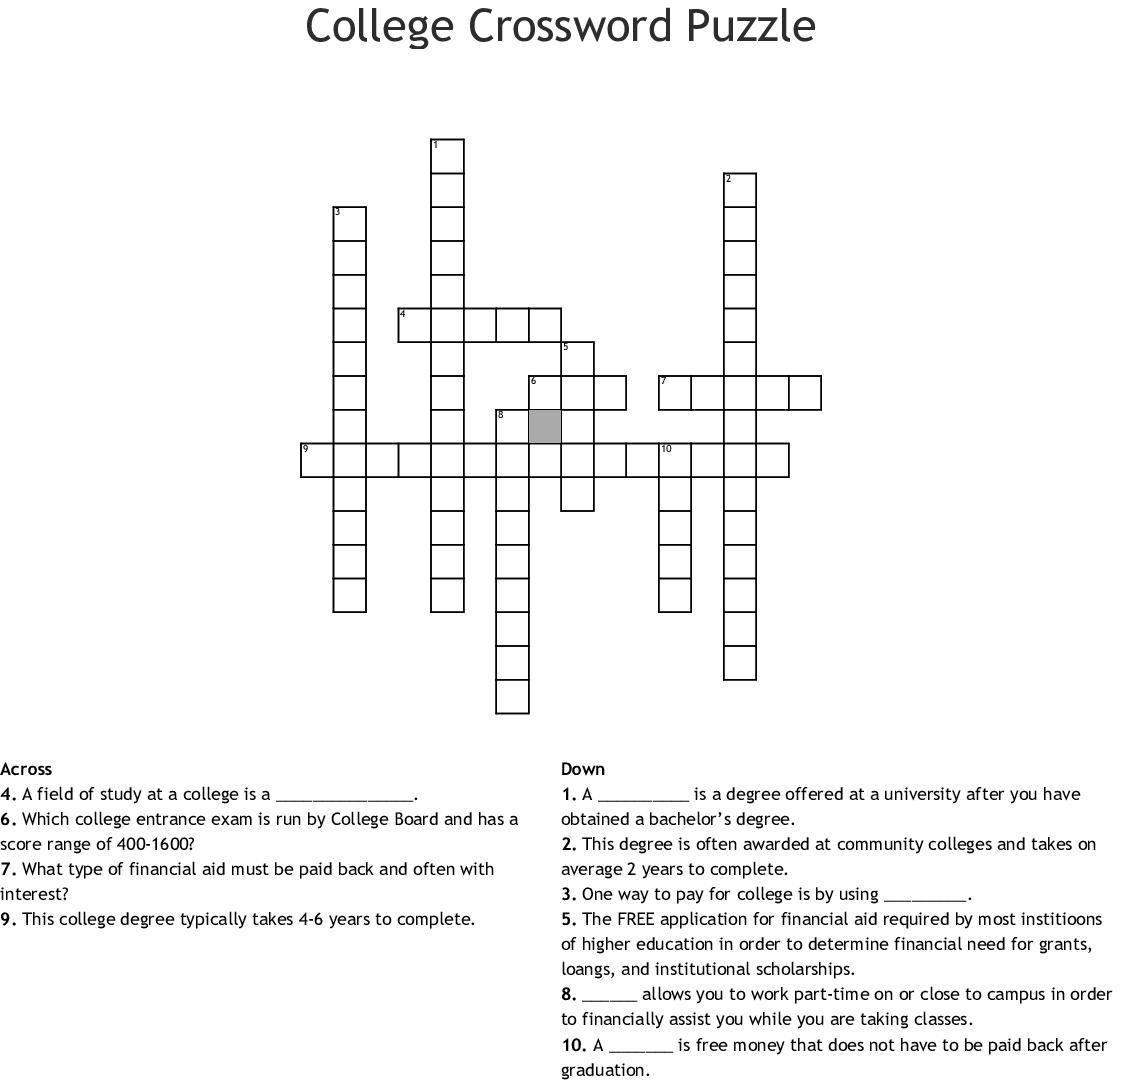 College Crossword Puzzle Crossword - Wordmint - College Crossword Puzzle Printable